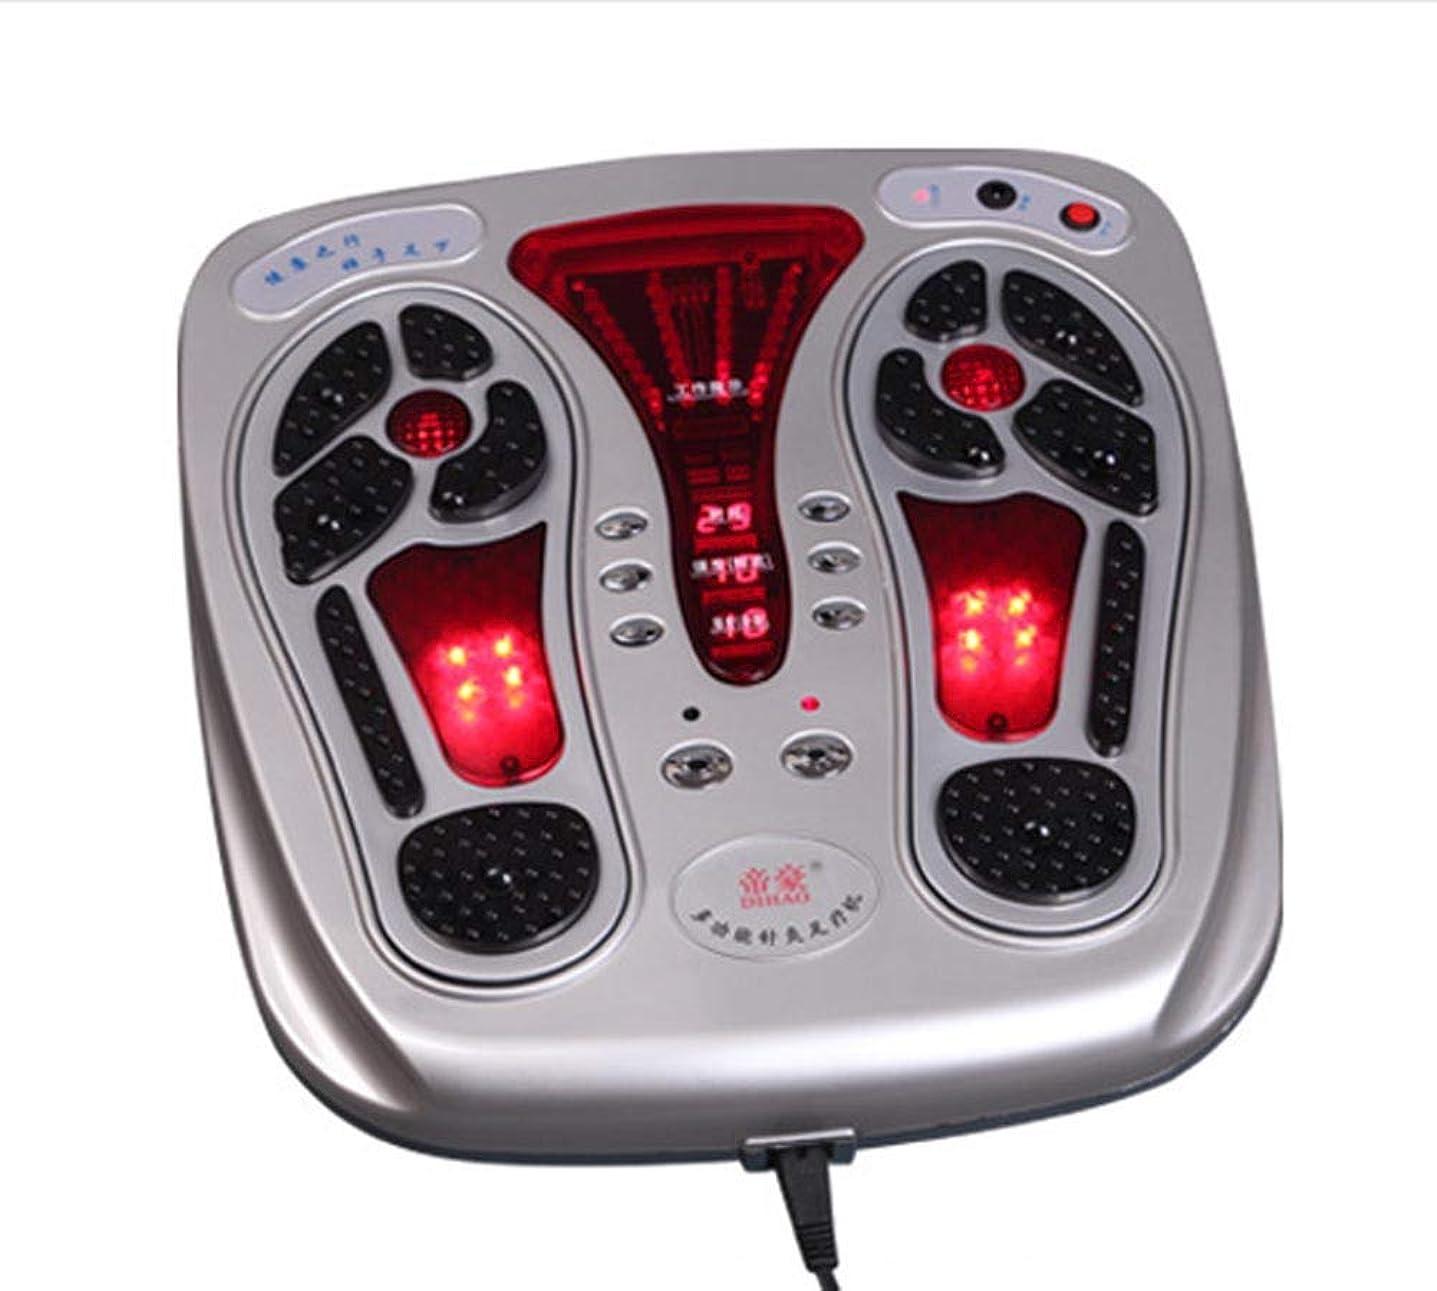 信号有効適度になだめるようなそして熱を暖める足のマッサージャー、筋肉の軟化、血行、痛みの治療触覚制御と人間工学に基づいたデザイン